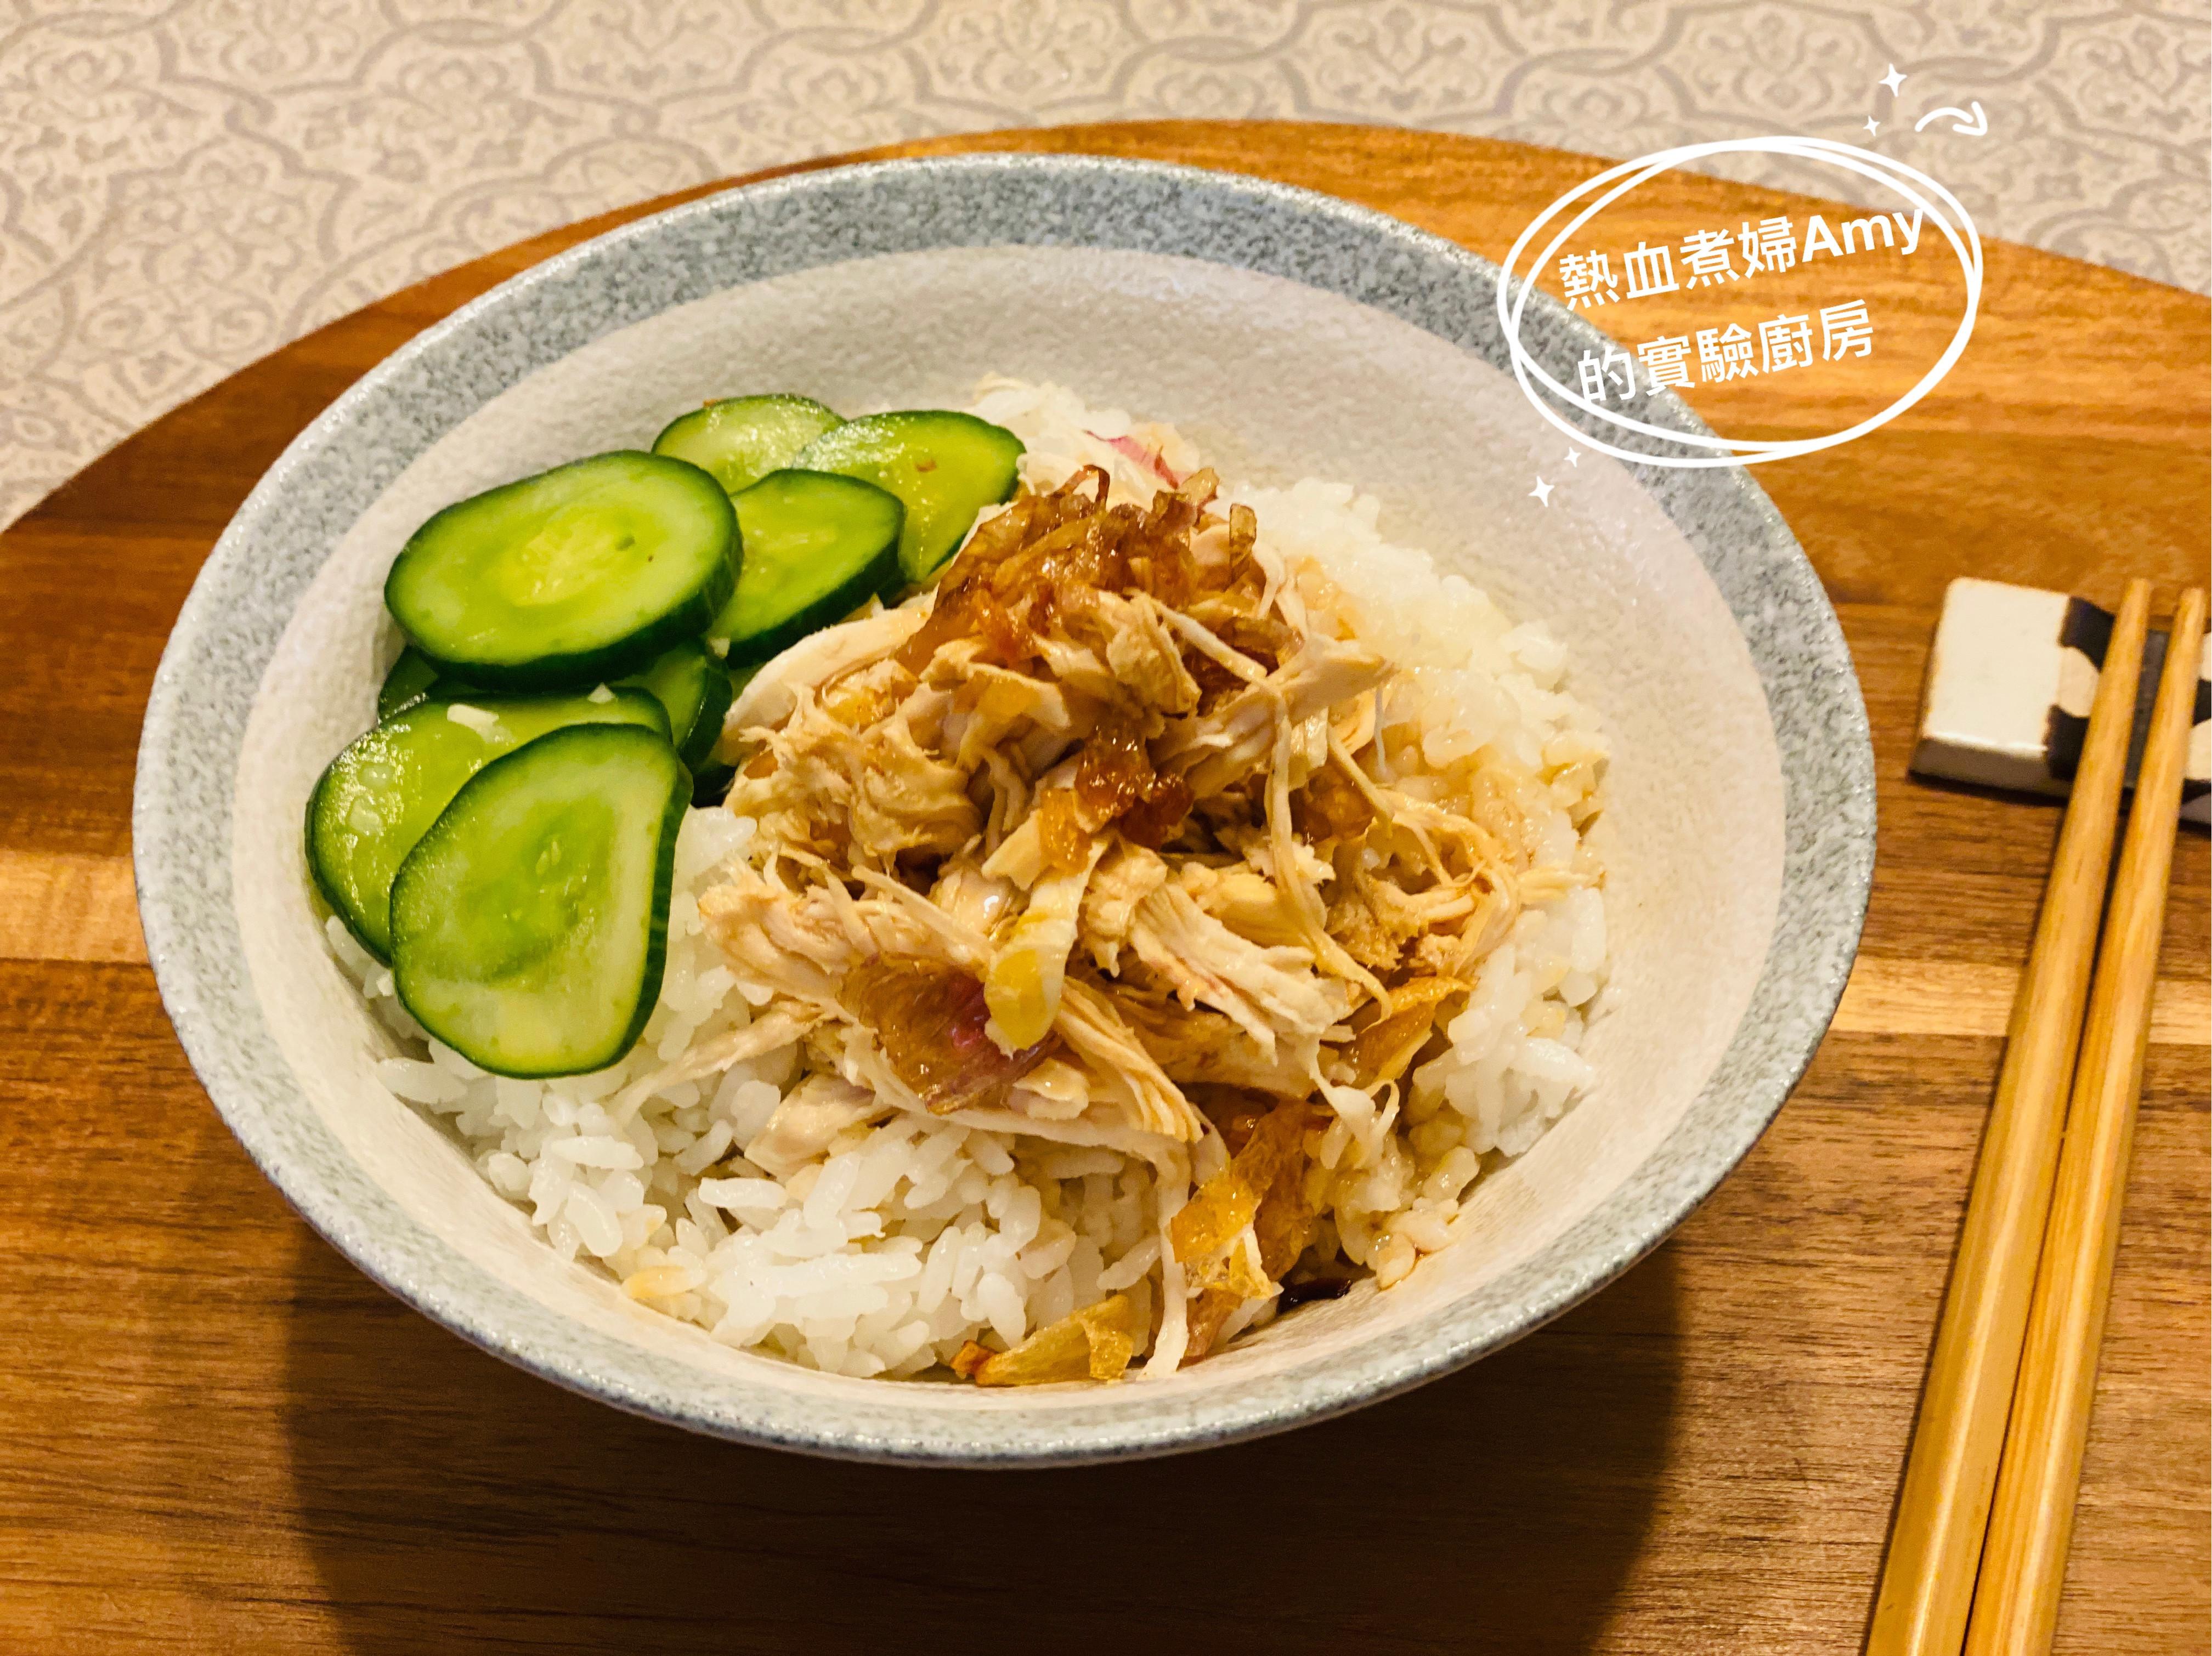 自製古早味油蔥雞絲飯